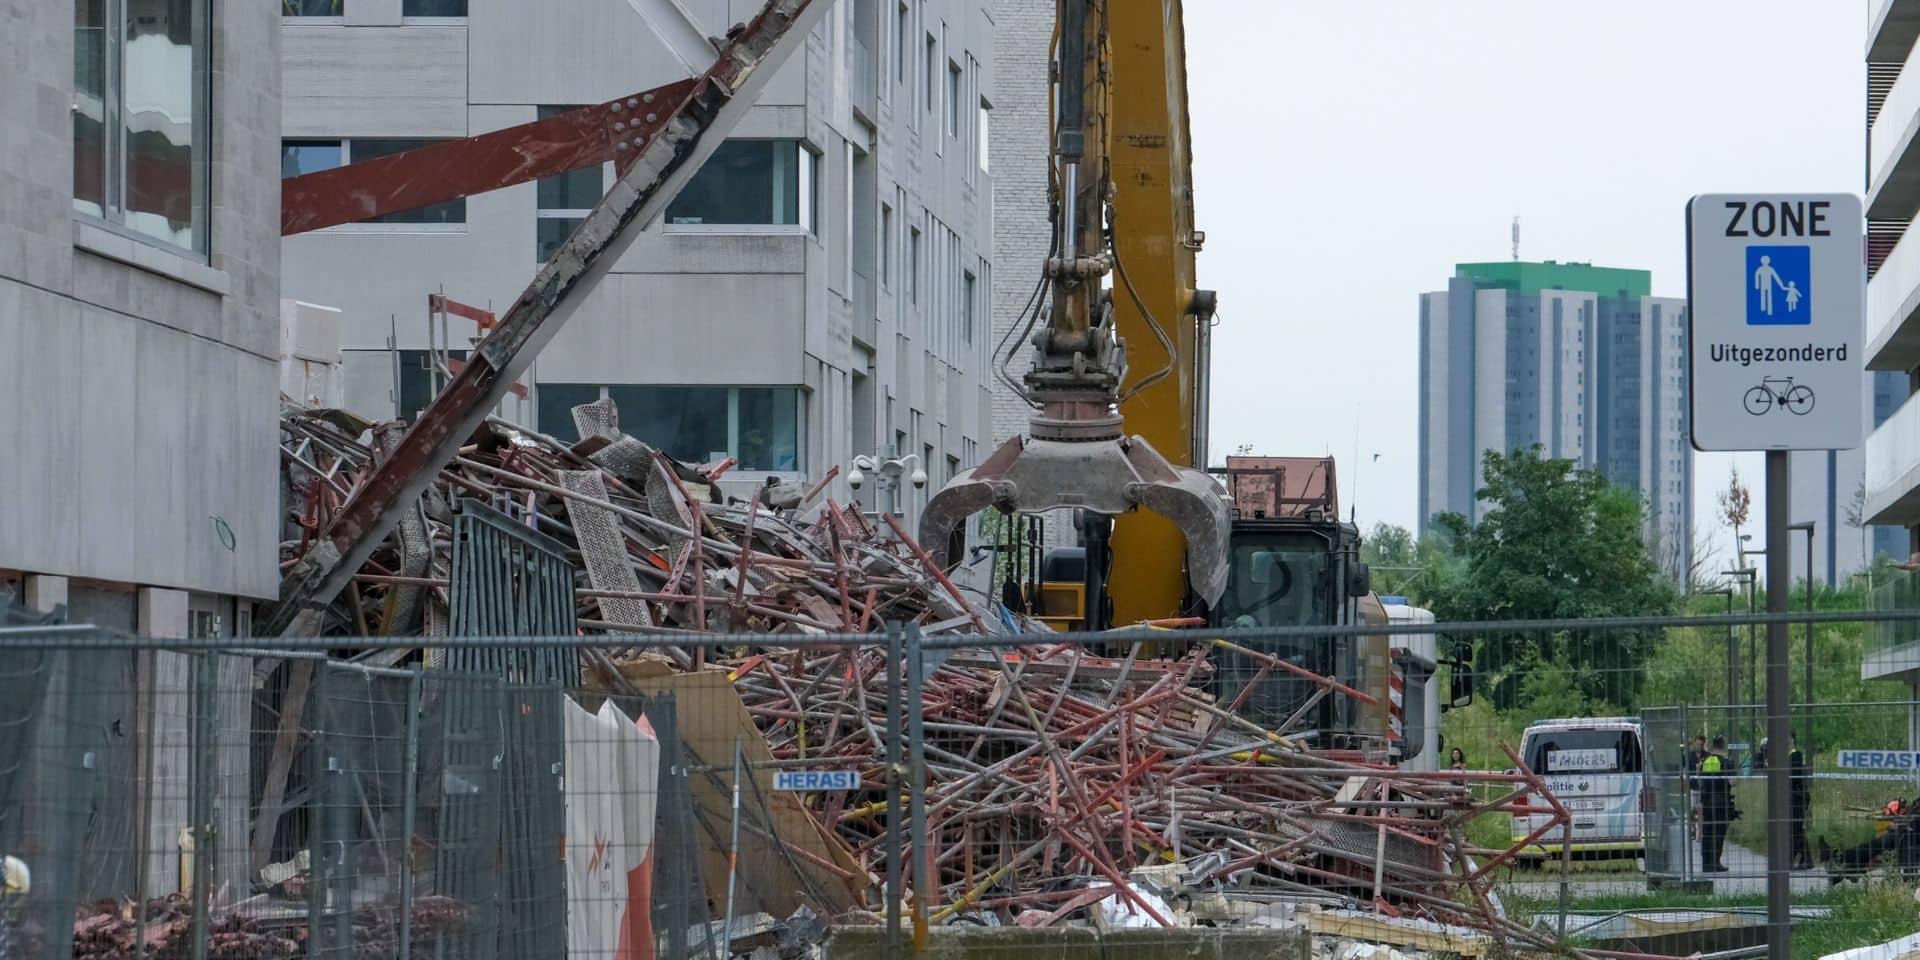 """Effondrement d'un bâtiment à Anvers : le corps d'une cinquième victime sorti des décombres, """"une enquête minutieuse va s'ouvrir"""""""